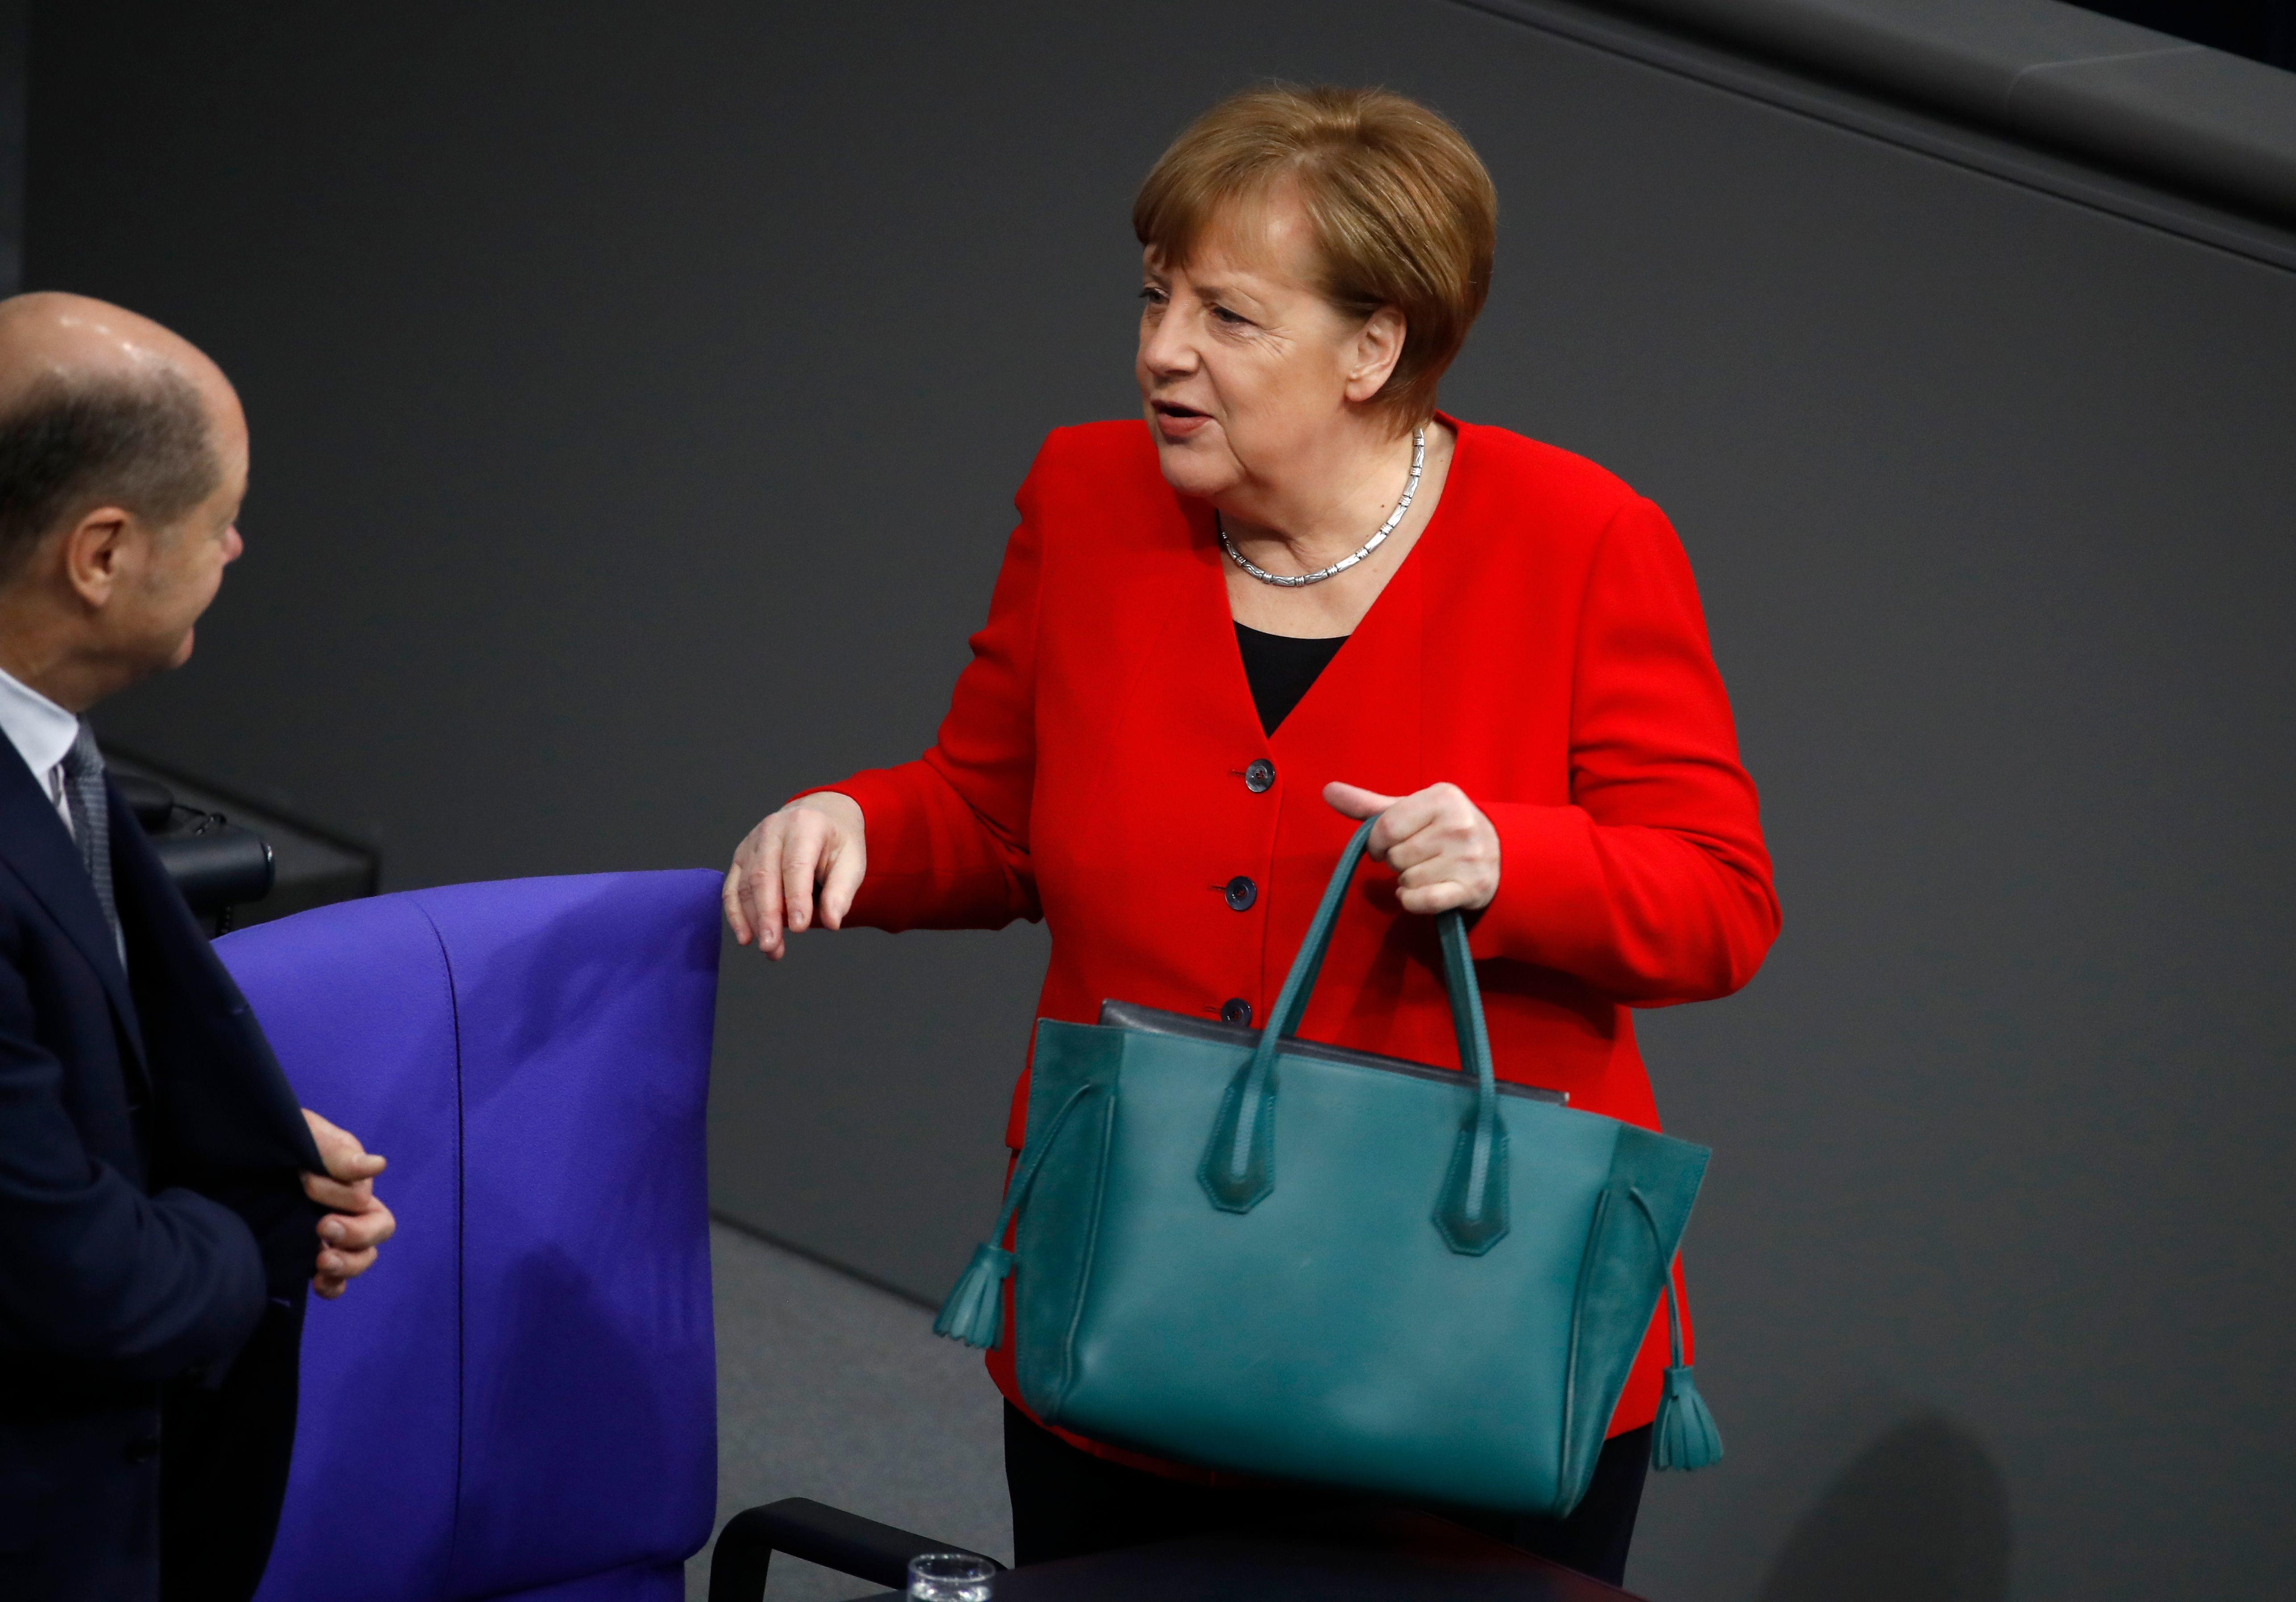 Изюминка образа немецкого политика – изумрудная сумка